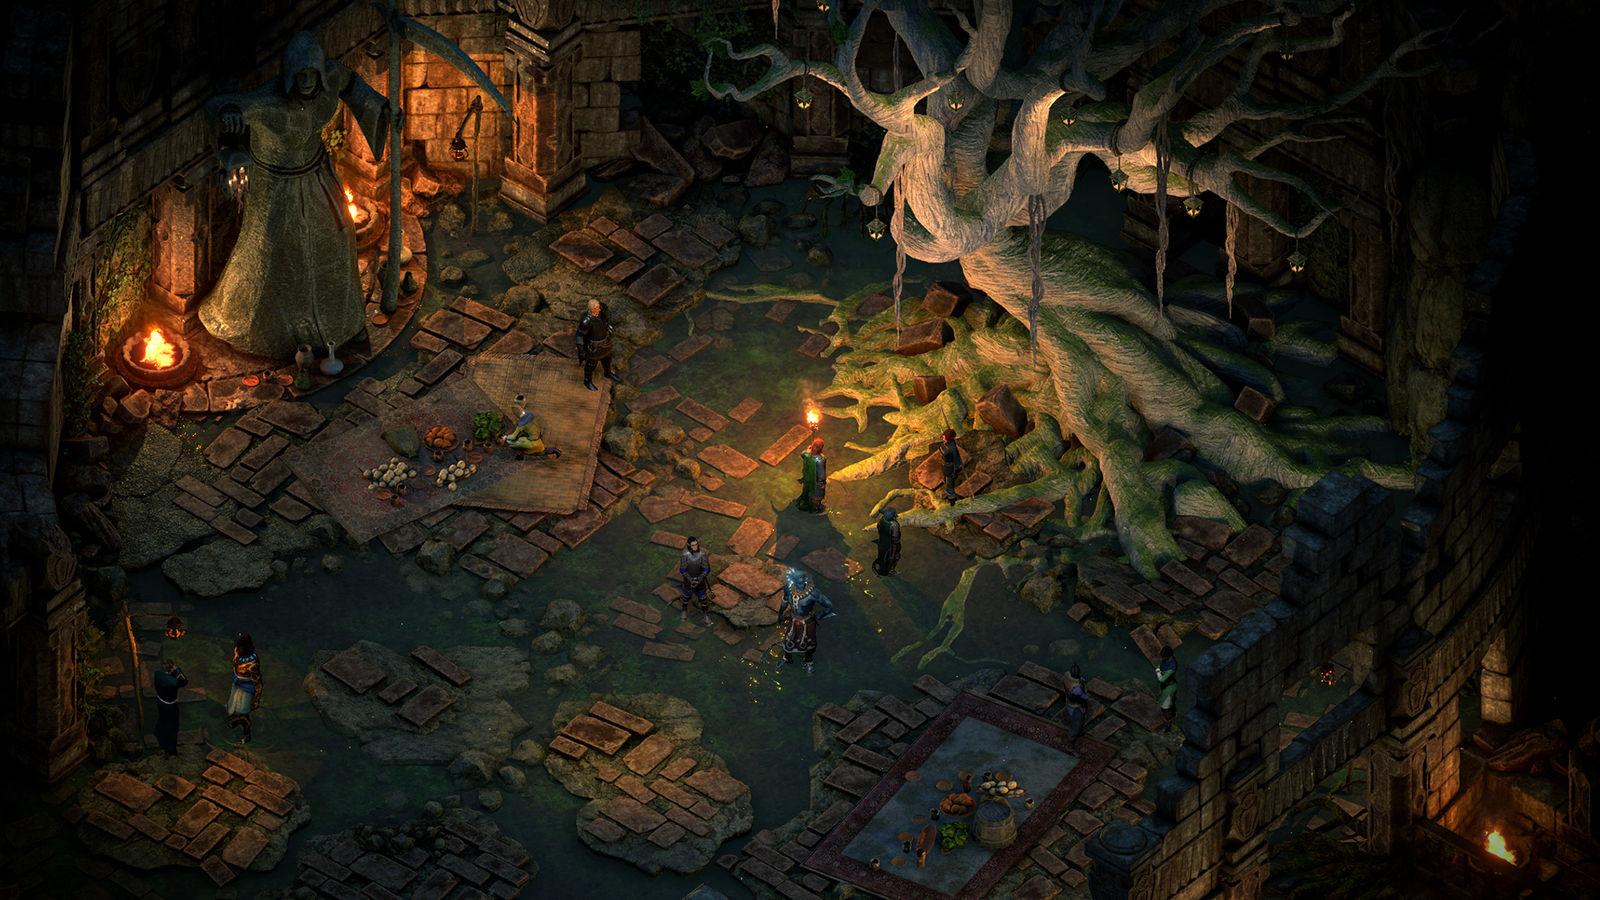 Скриншот  2 - Pillars of Eternity II 2: Deadfire Obsidian Ed(Steam)